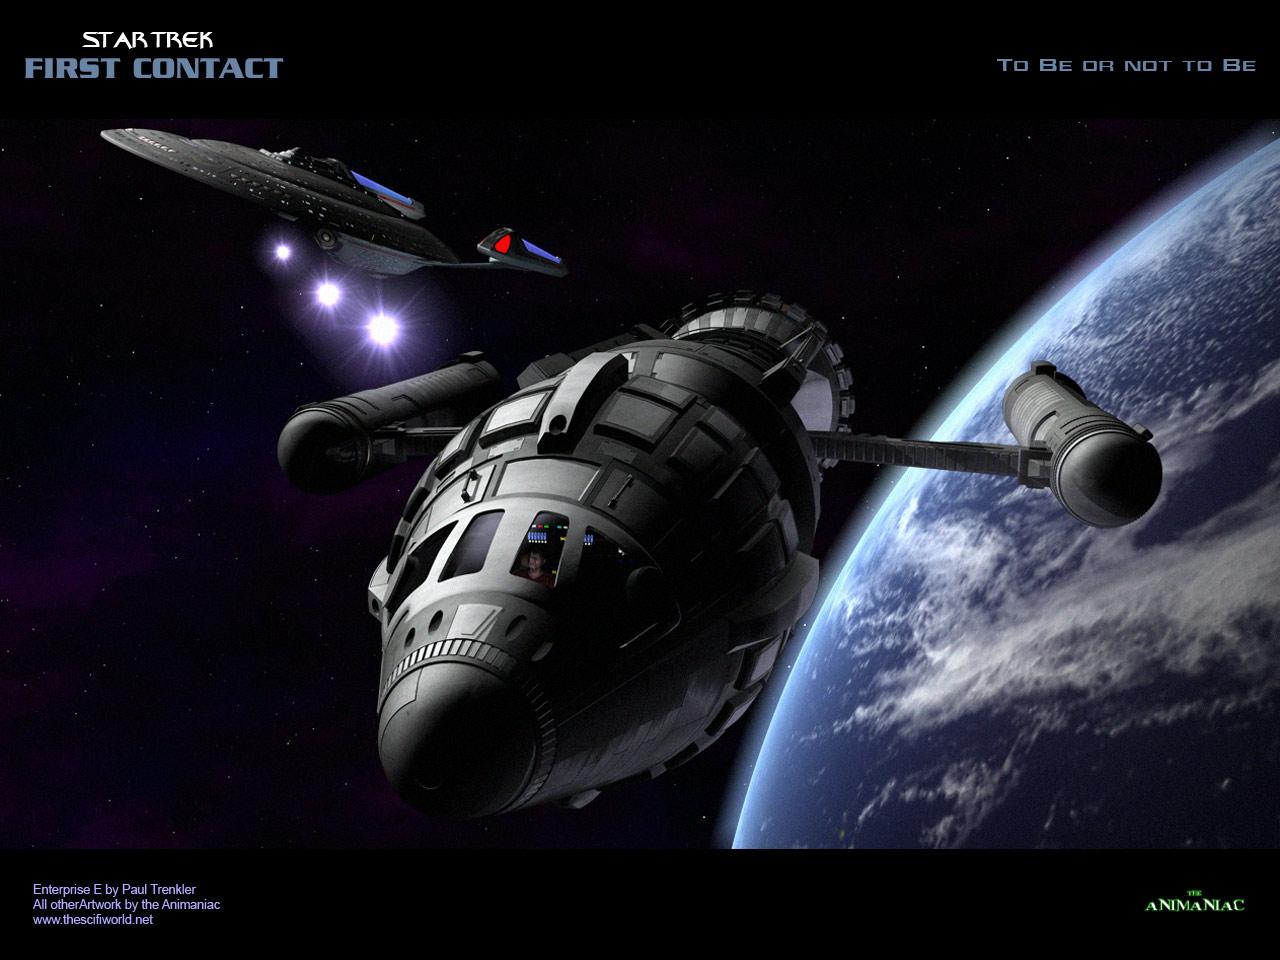 Download Star Trek Movies wallpaper Star Trek First Contact 1280x960